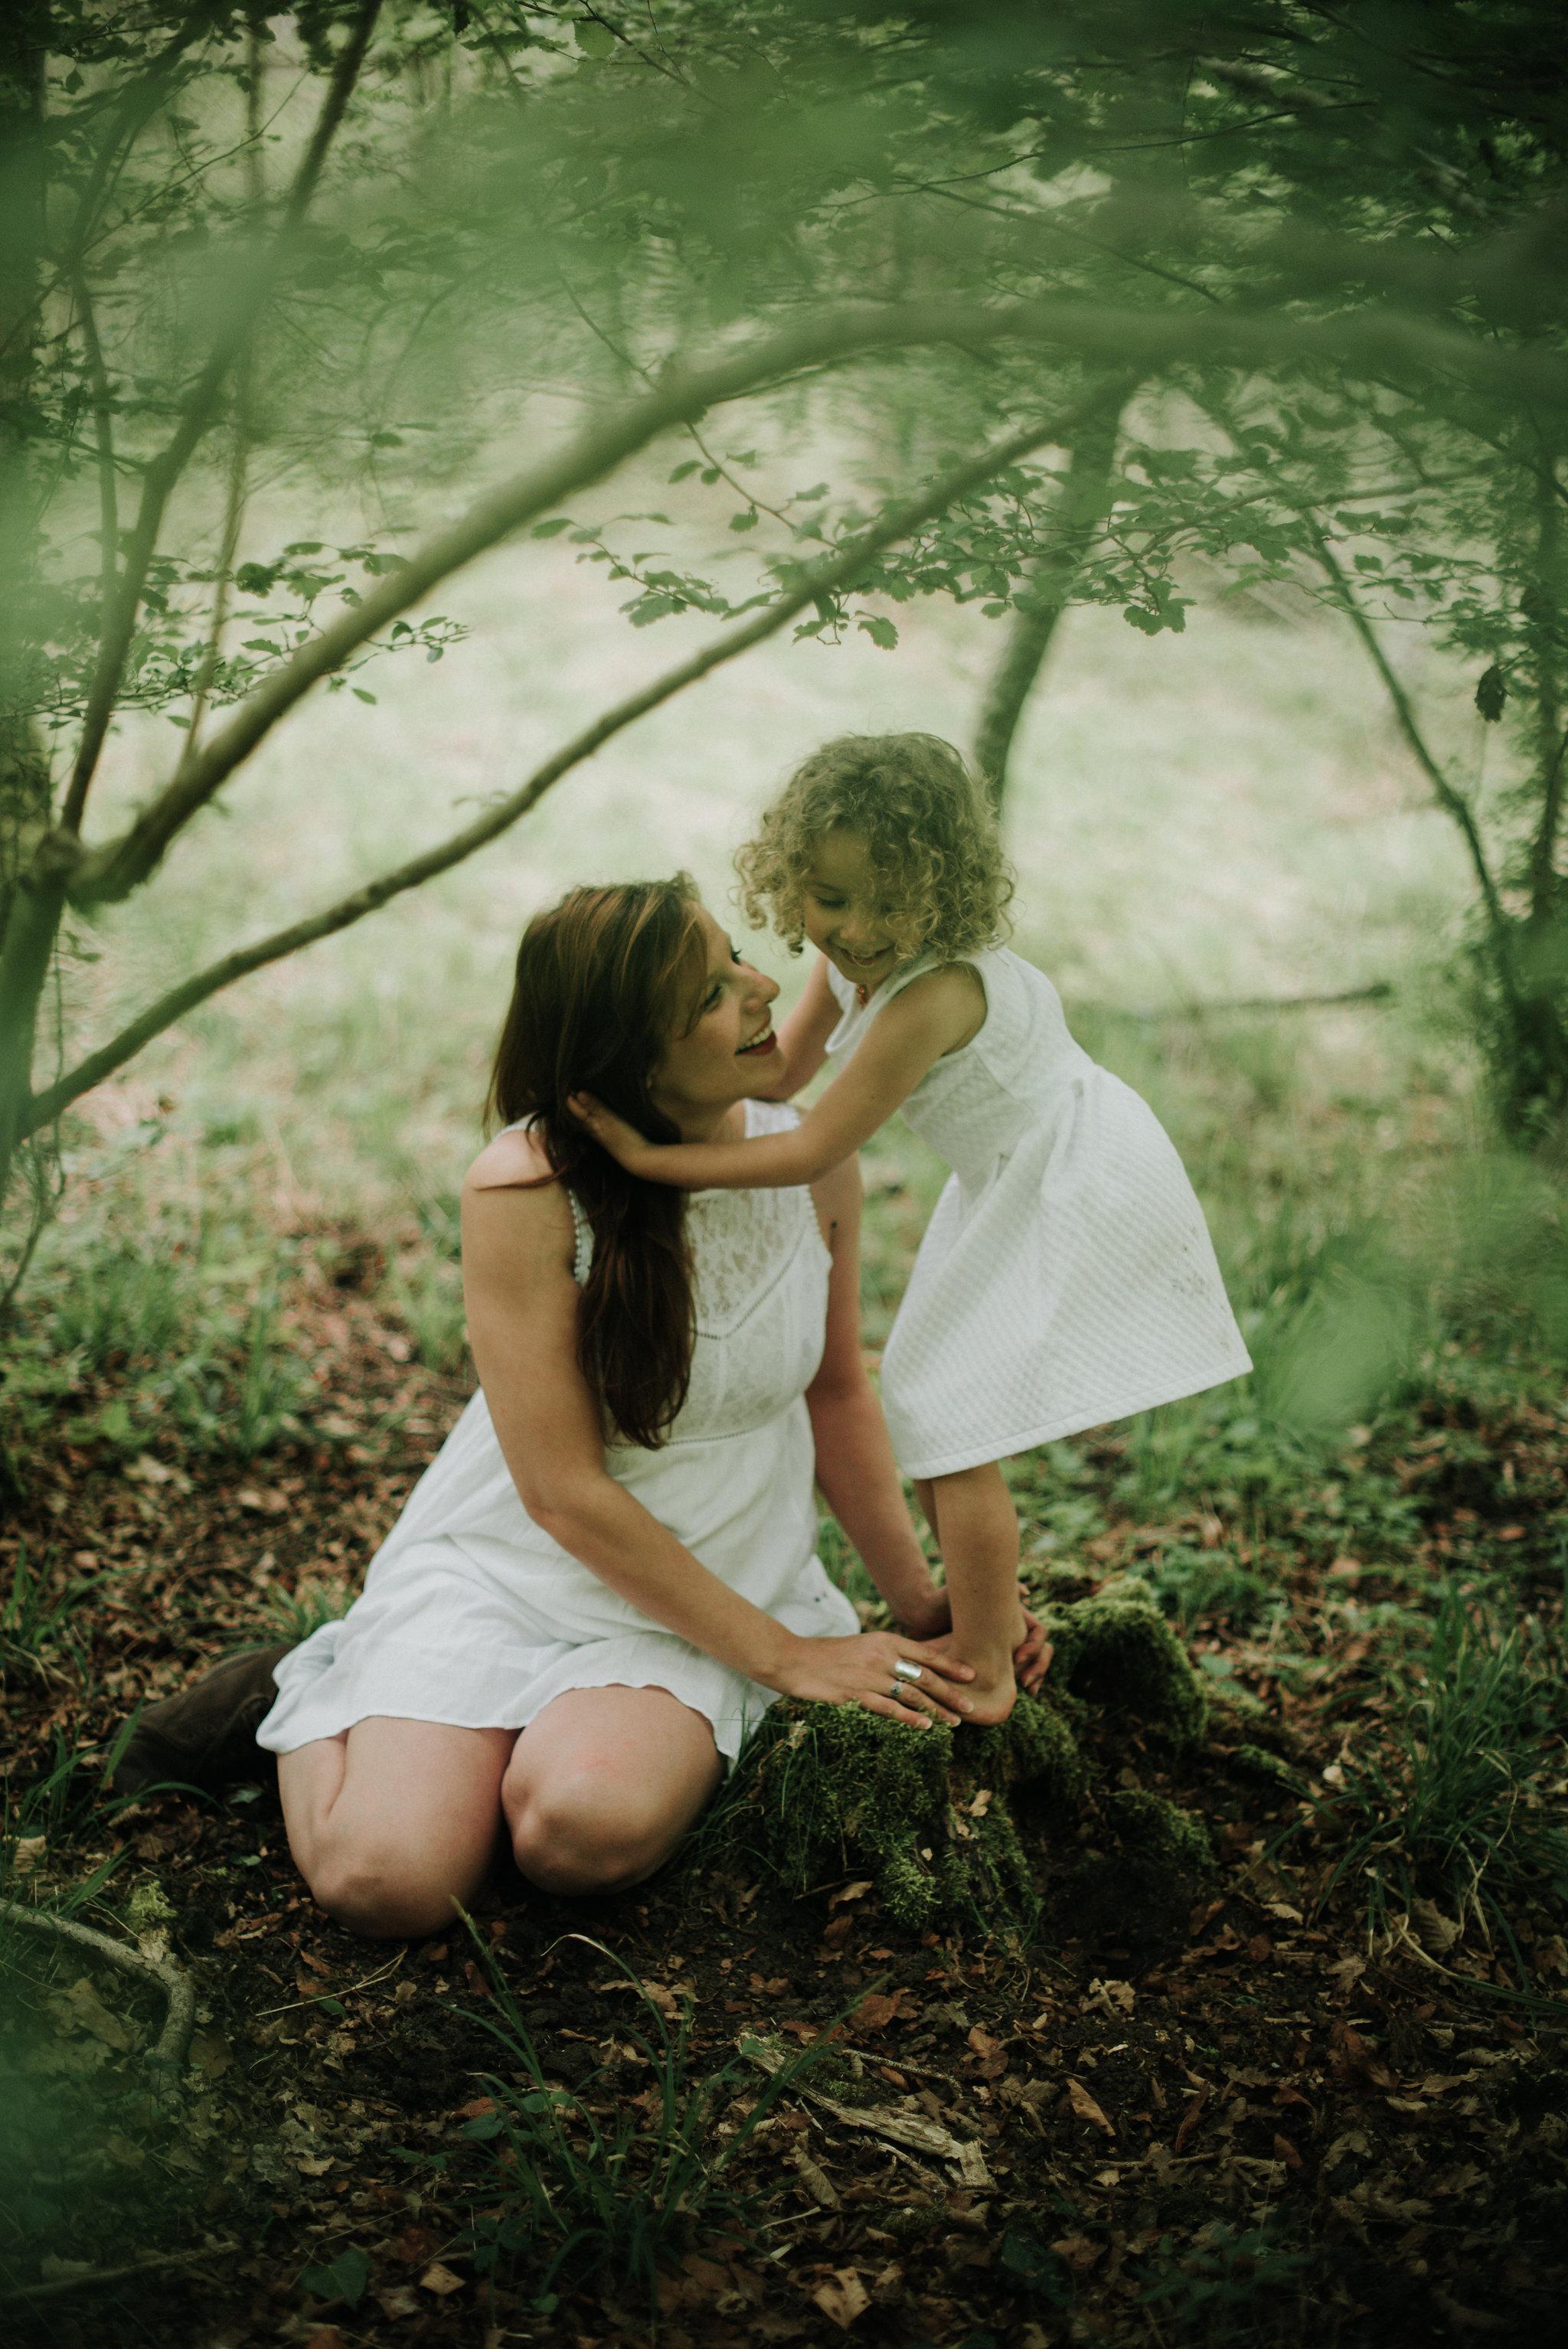 Léa-Fery-photographe-professionnel-lyon-rhone-alpes-portrait-creation-mariage-evenement-evenementiel-famille-8050.jpg